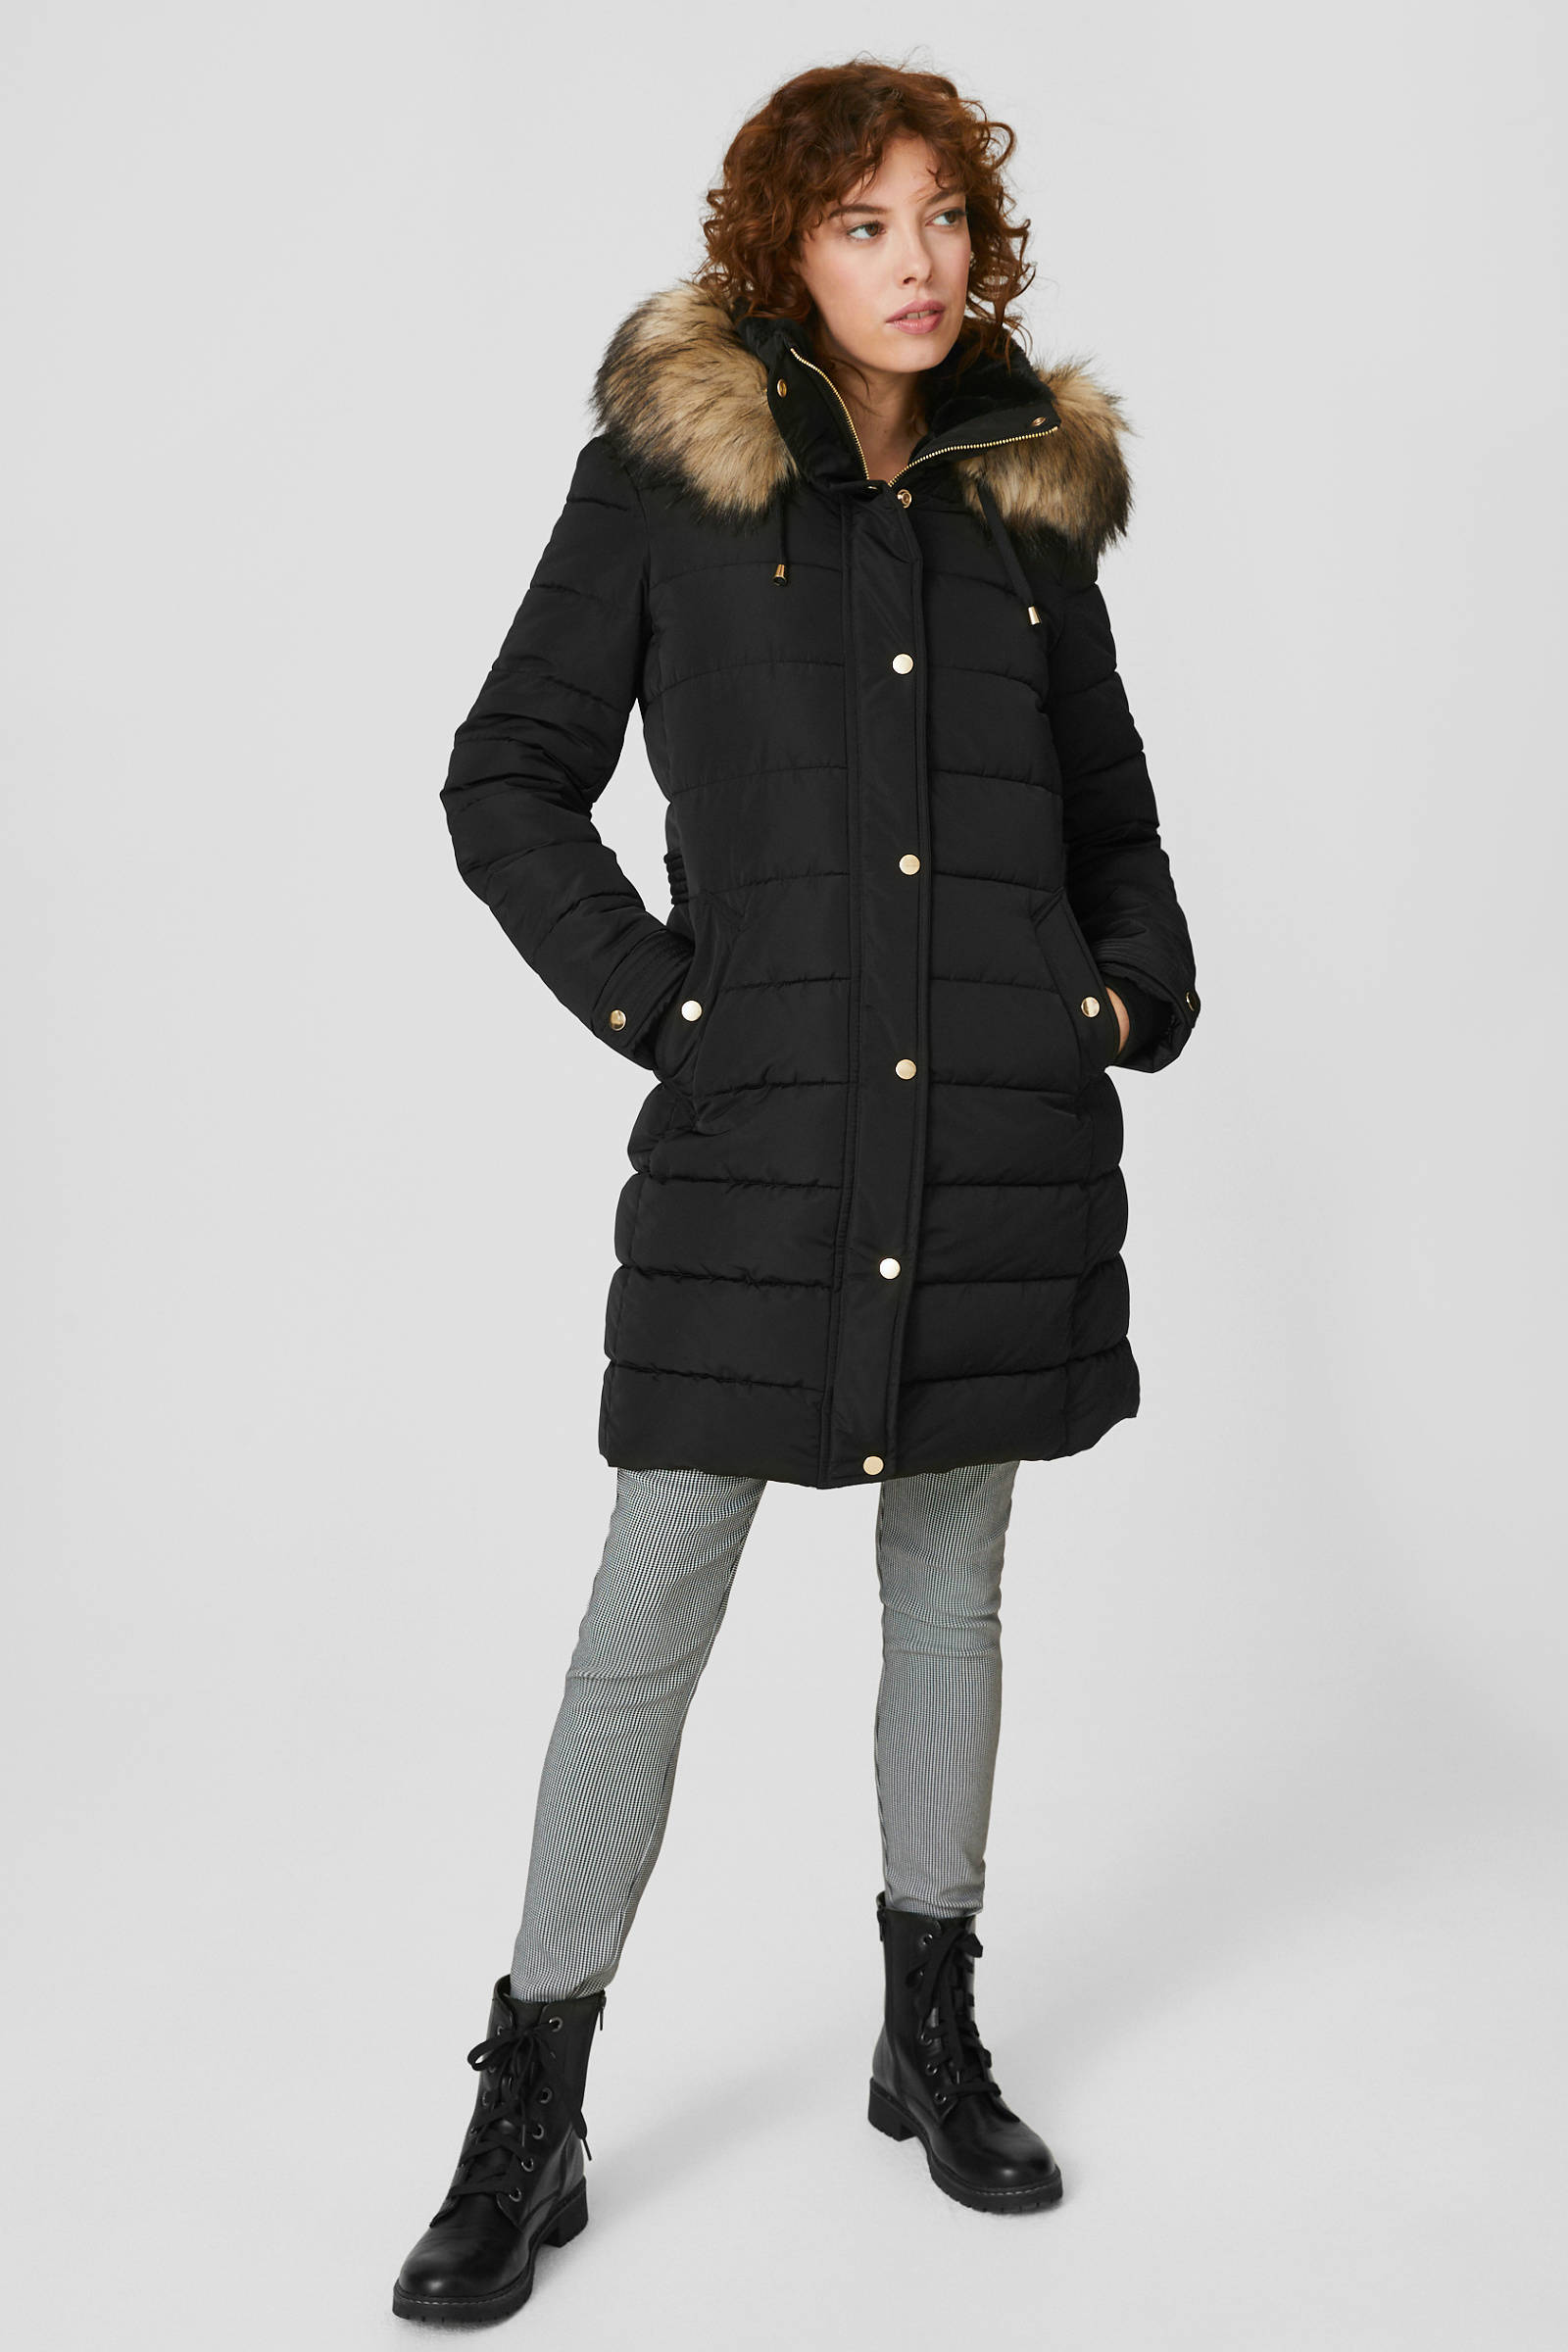 Sale: C&A jassen voor dames kopen Vind jouw Sale: C&A